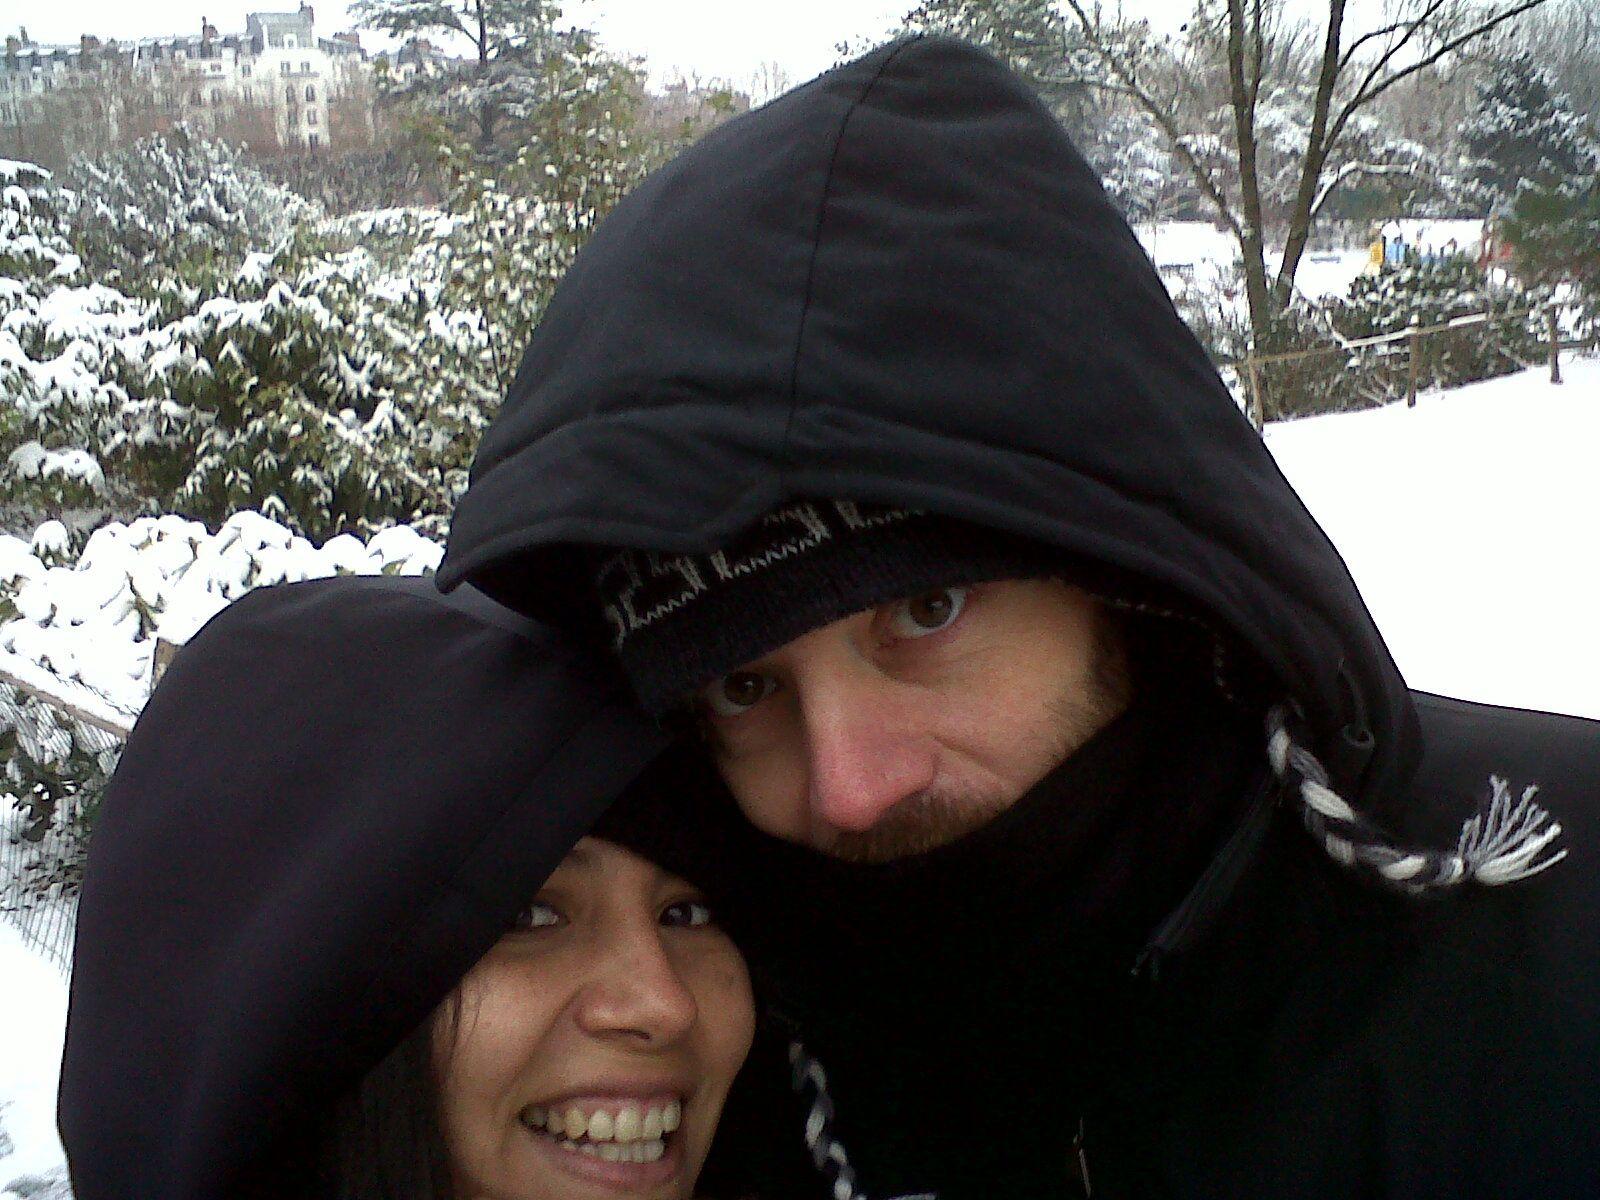 Janvier 2013... Petite sortie dans la toundra sibérienne... -40 °C... Nan, je déconne, c'est pas vrai... Aucune péruvienne ne pourrait sourire comme ça à cette température ! C'était une sortie à Montrouge, juste dans le parc à côté de chez nous ! Eh ouais, on a eu un sacré hivers à Paris cette année là... Juste pile quand je ne supportais pas le froid à cause de ma chimio, merci ! Si ça vous étonne que je mette cette photo dans une catégorie voyage, sachez que c'en était un pour moi : c'était ma première sortie dehors après ma première hospitalisation...